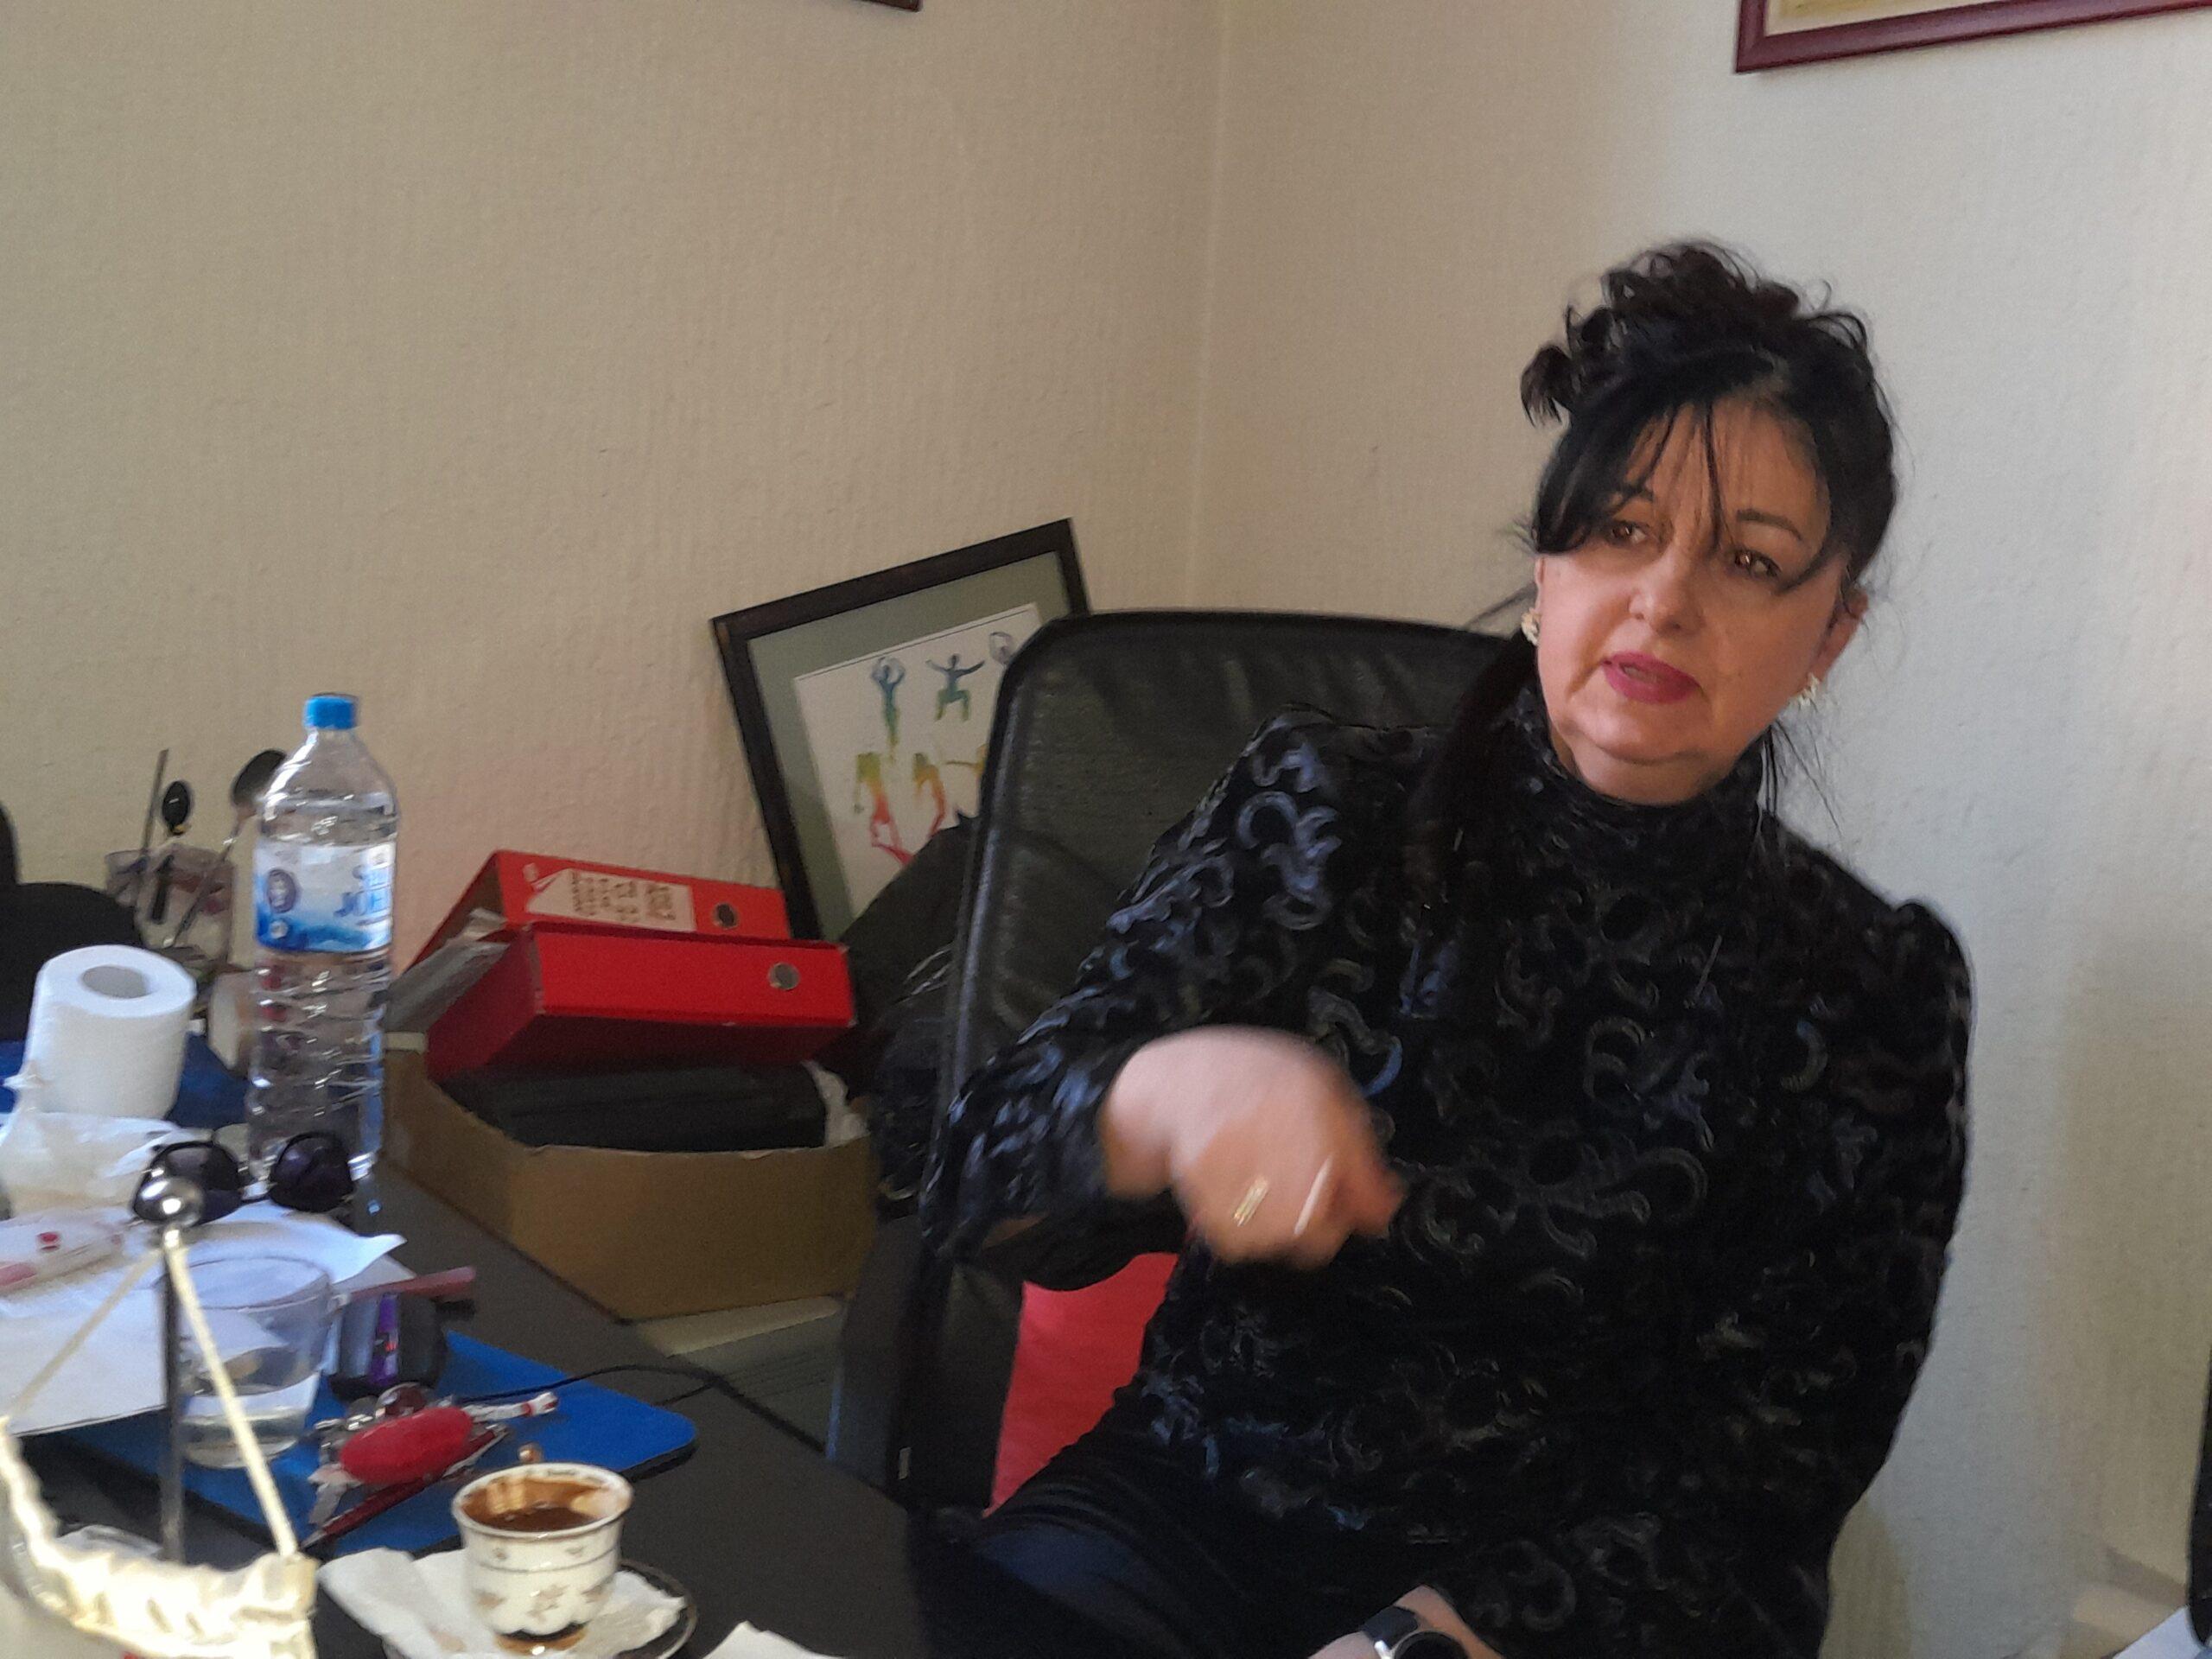 Biljana Davidović tvrdi da je radnica pretukla, strahuje za svoju bezbednost